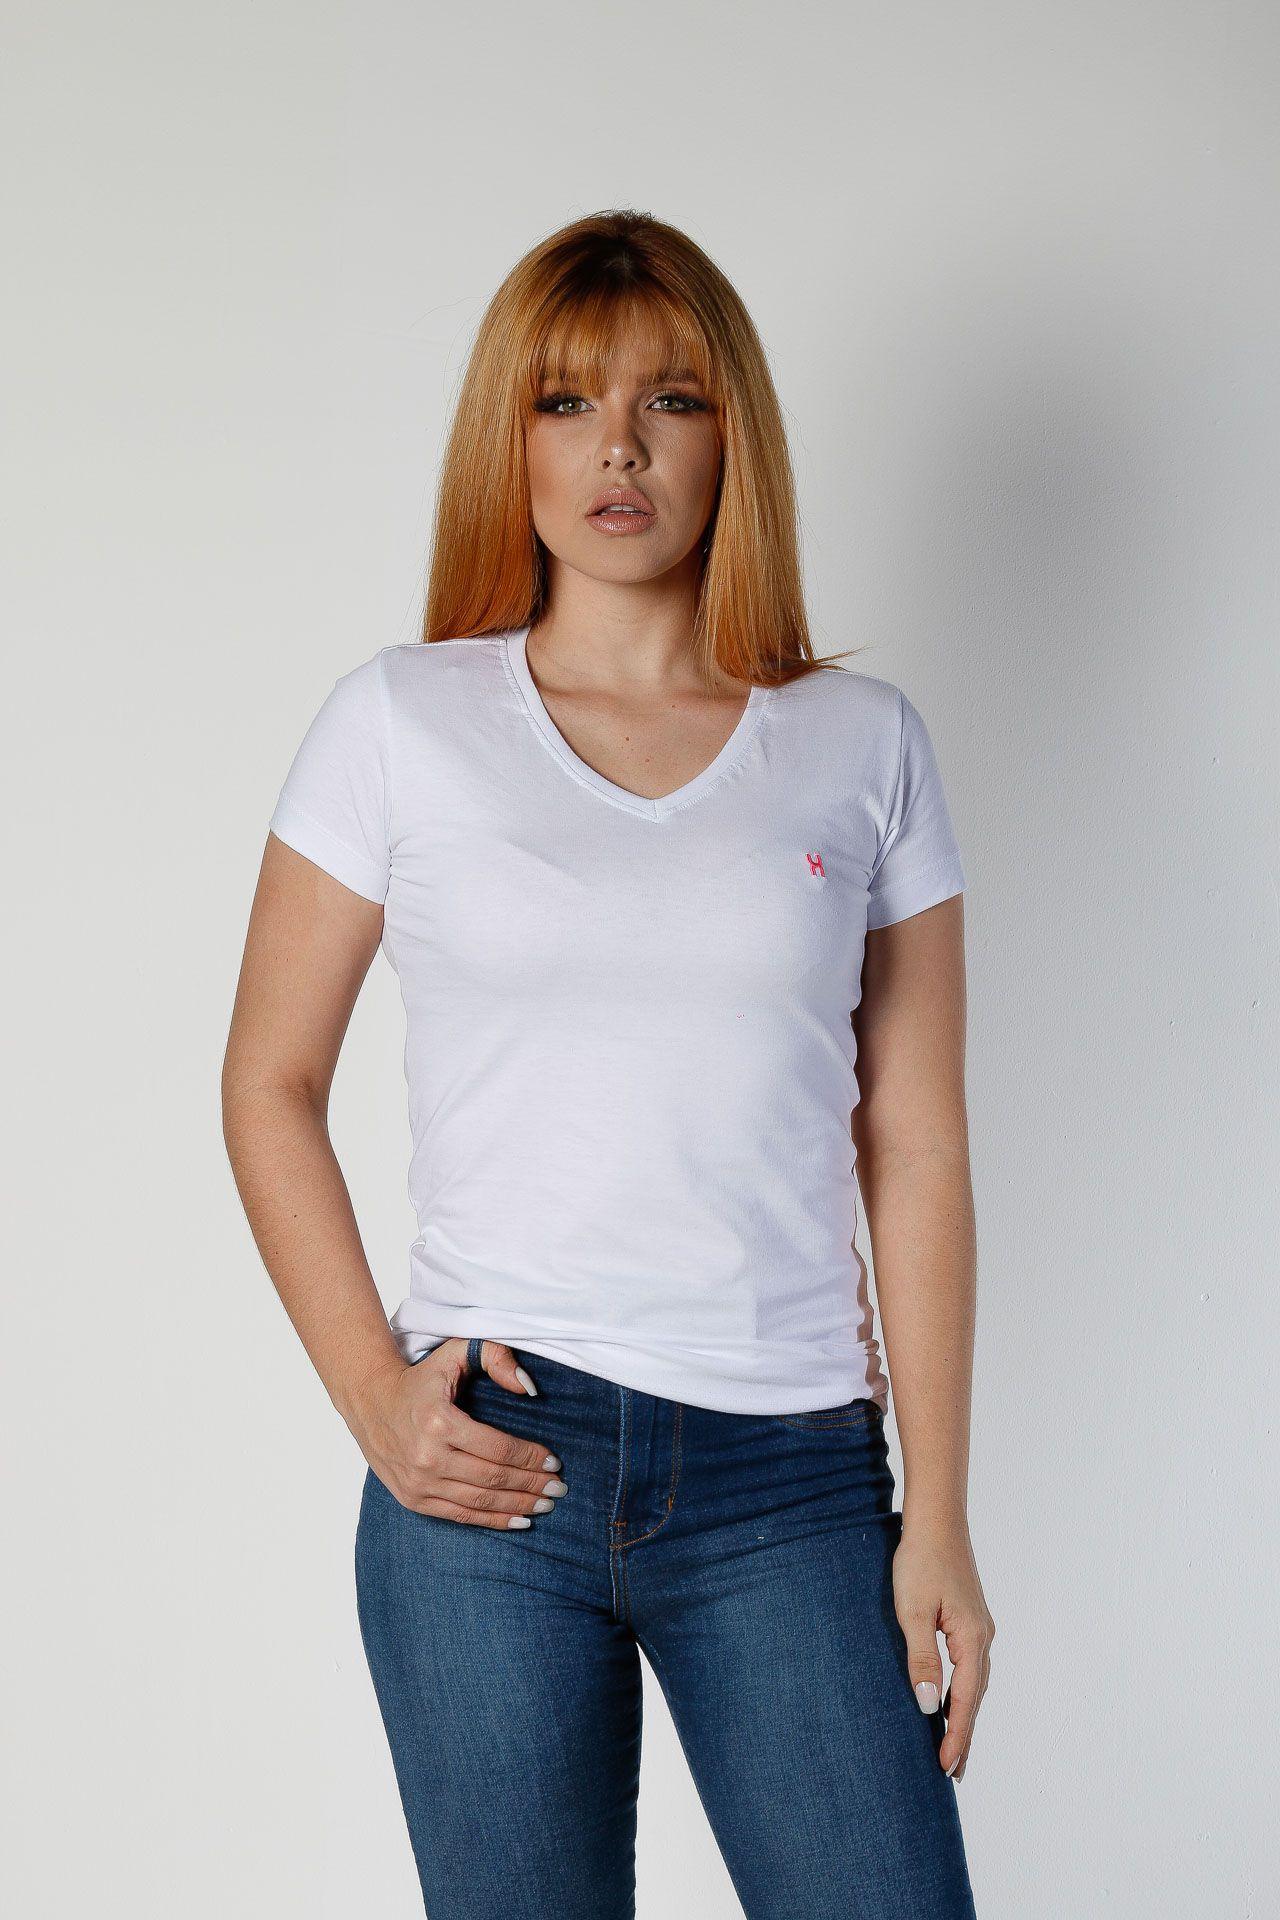 Camiseta Feminina TXC 4456